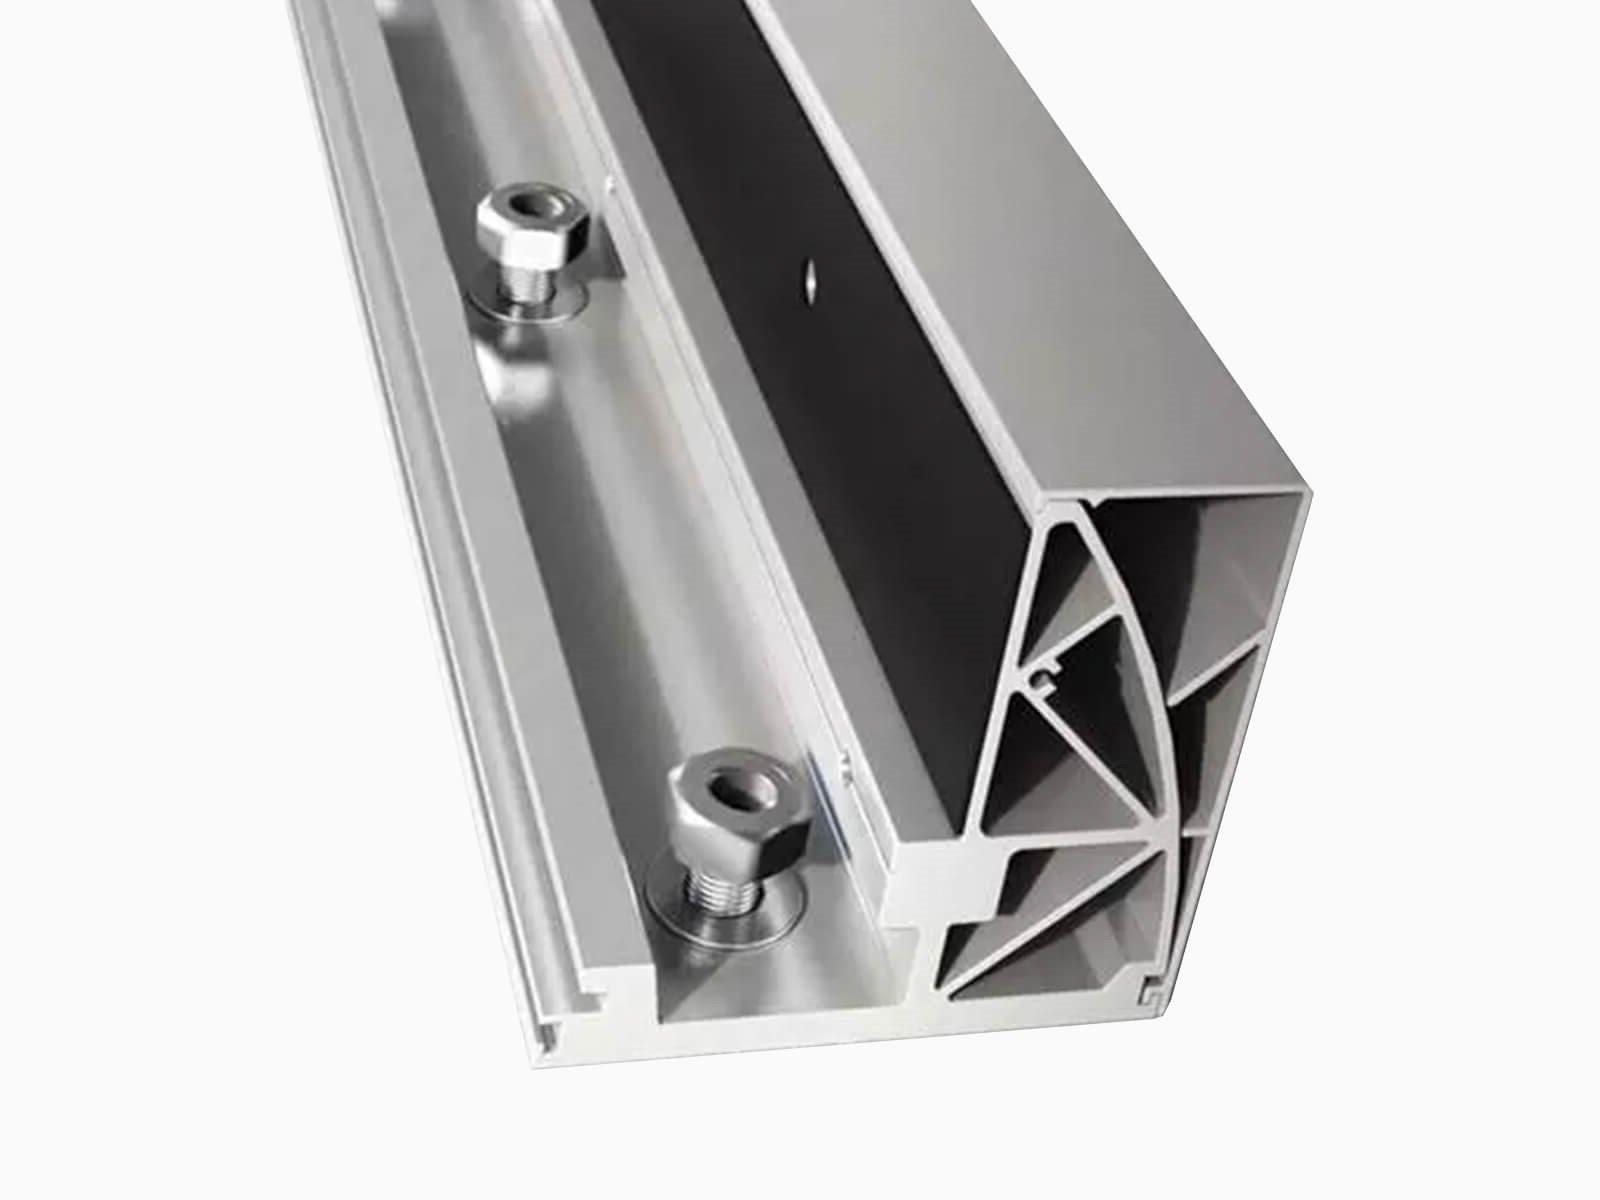 bodenbefestigung-fuer-glaszaeune-und-wind-und-sichtschutzsysteme